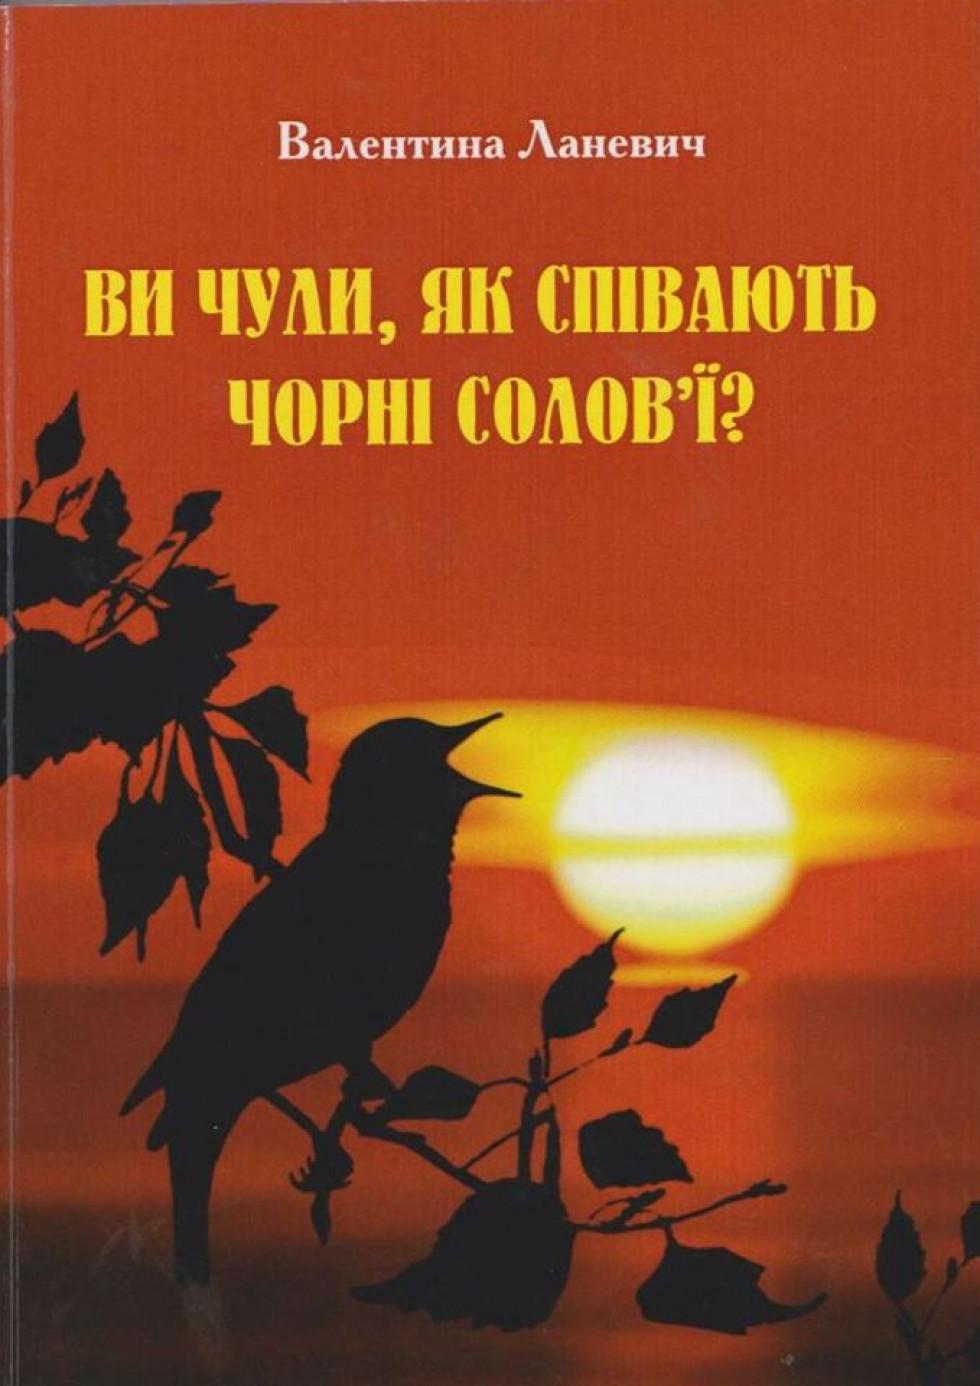 Обкладинка відзначеної книжки